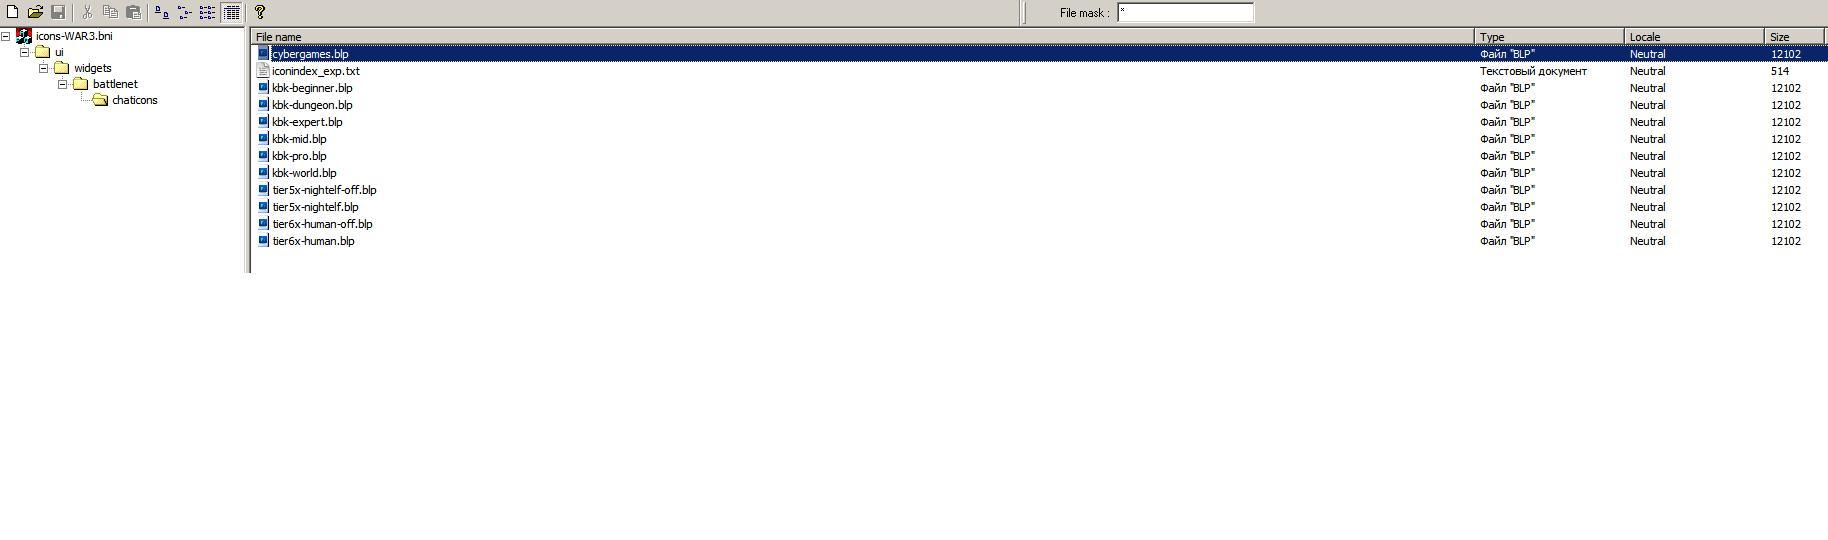 смена иконки файла: